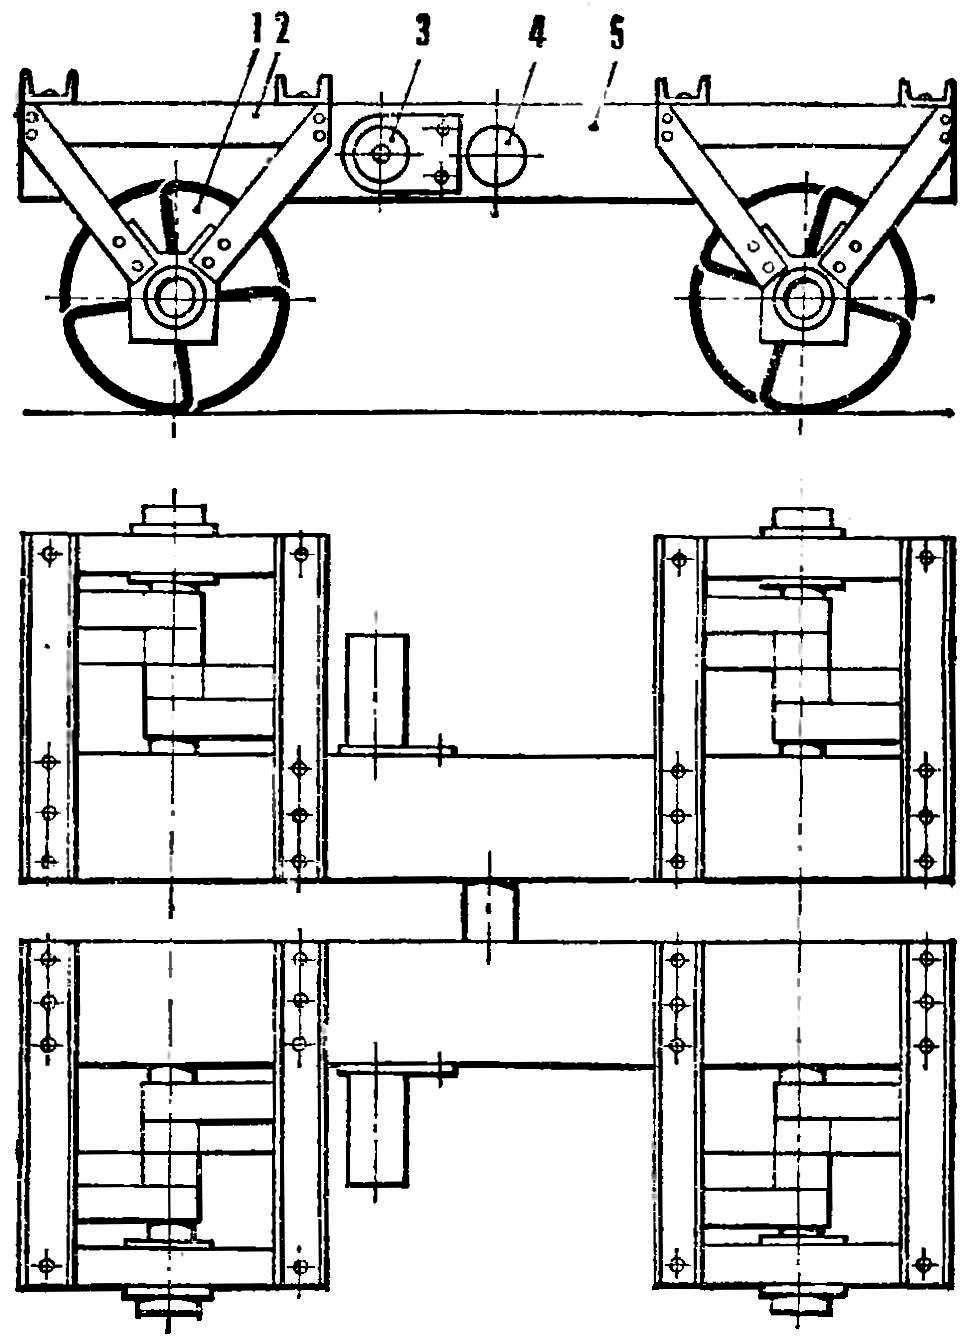 Рис. 5. Транспортная машина с дискретным движителем